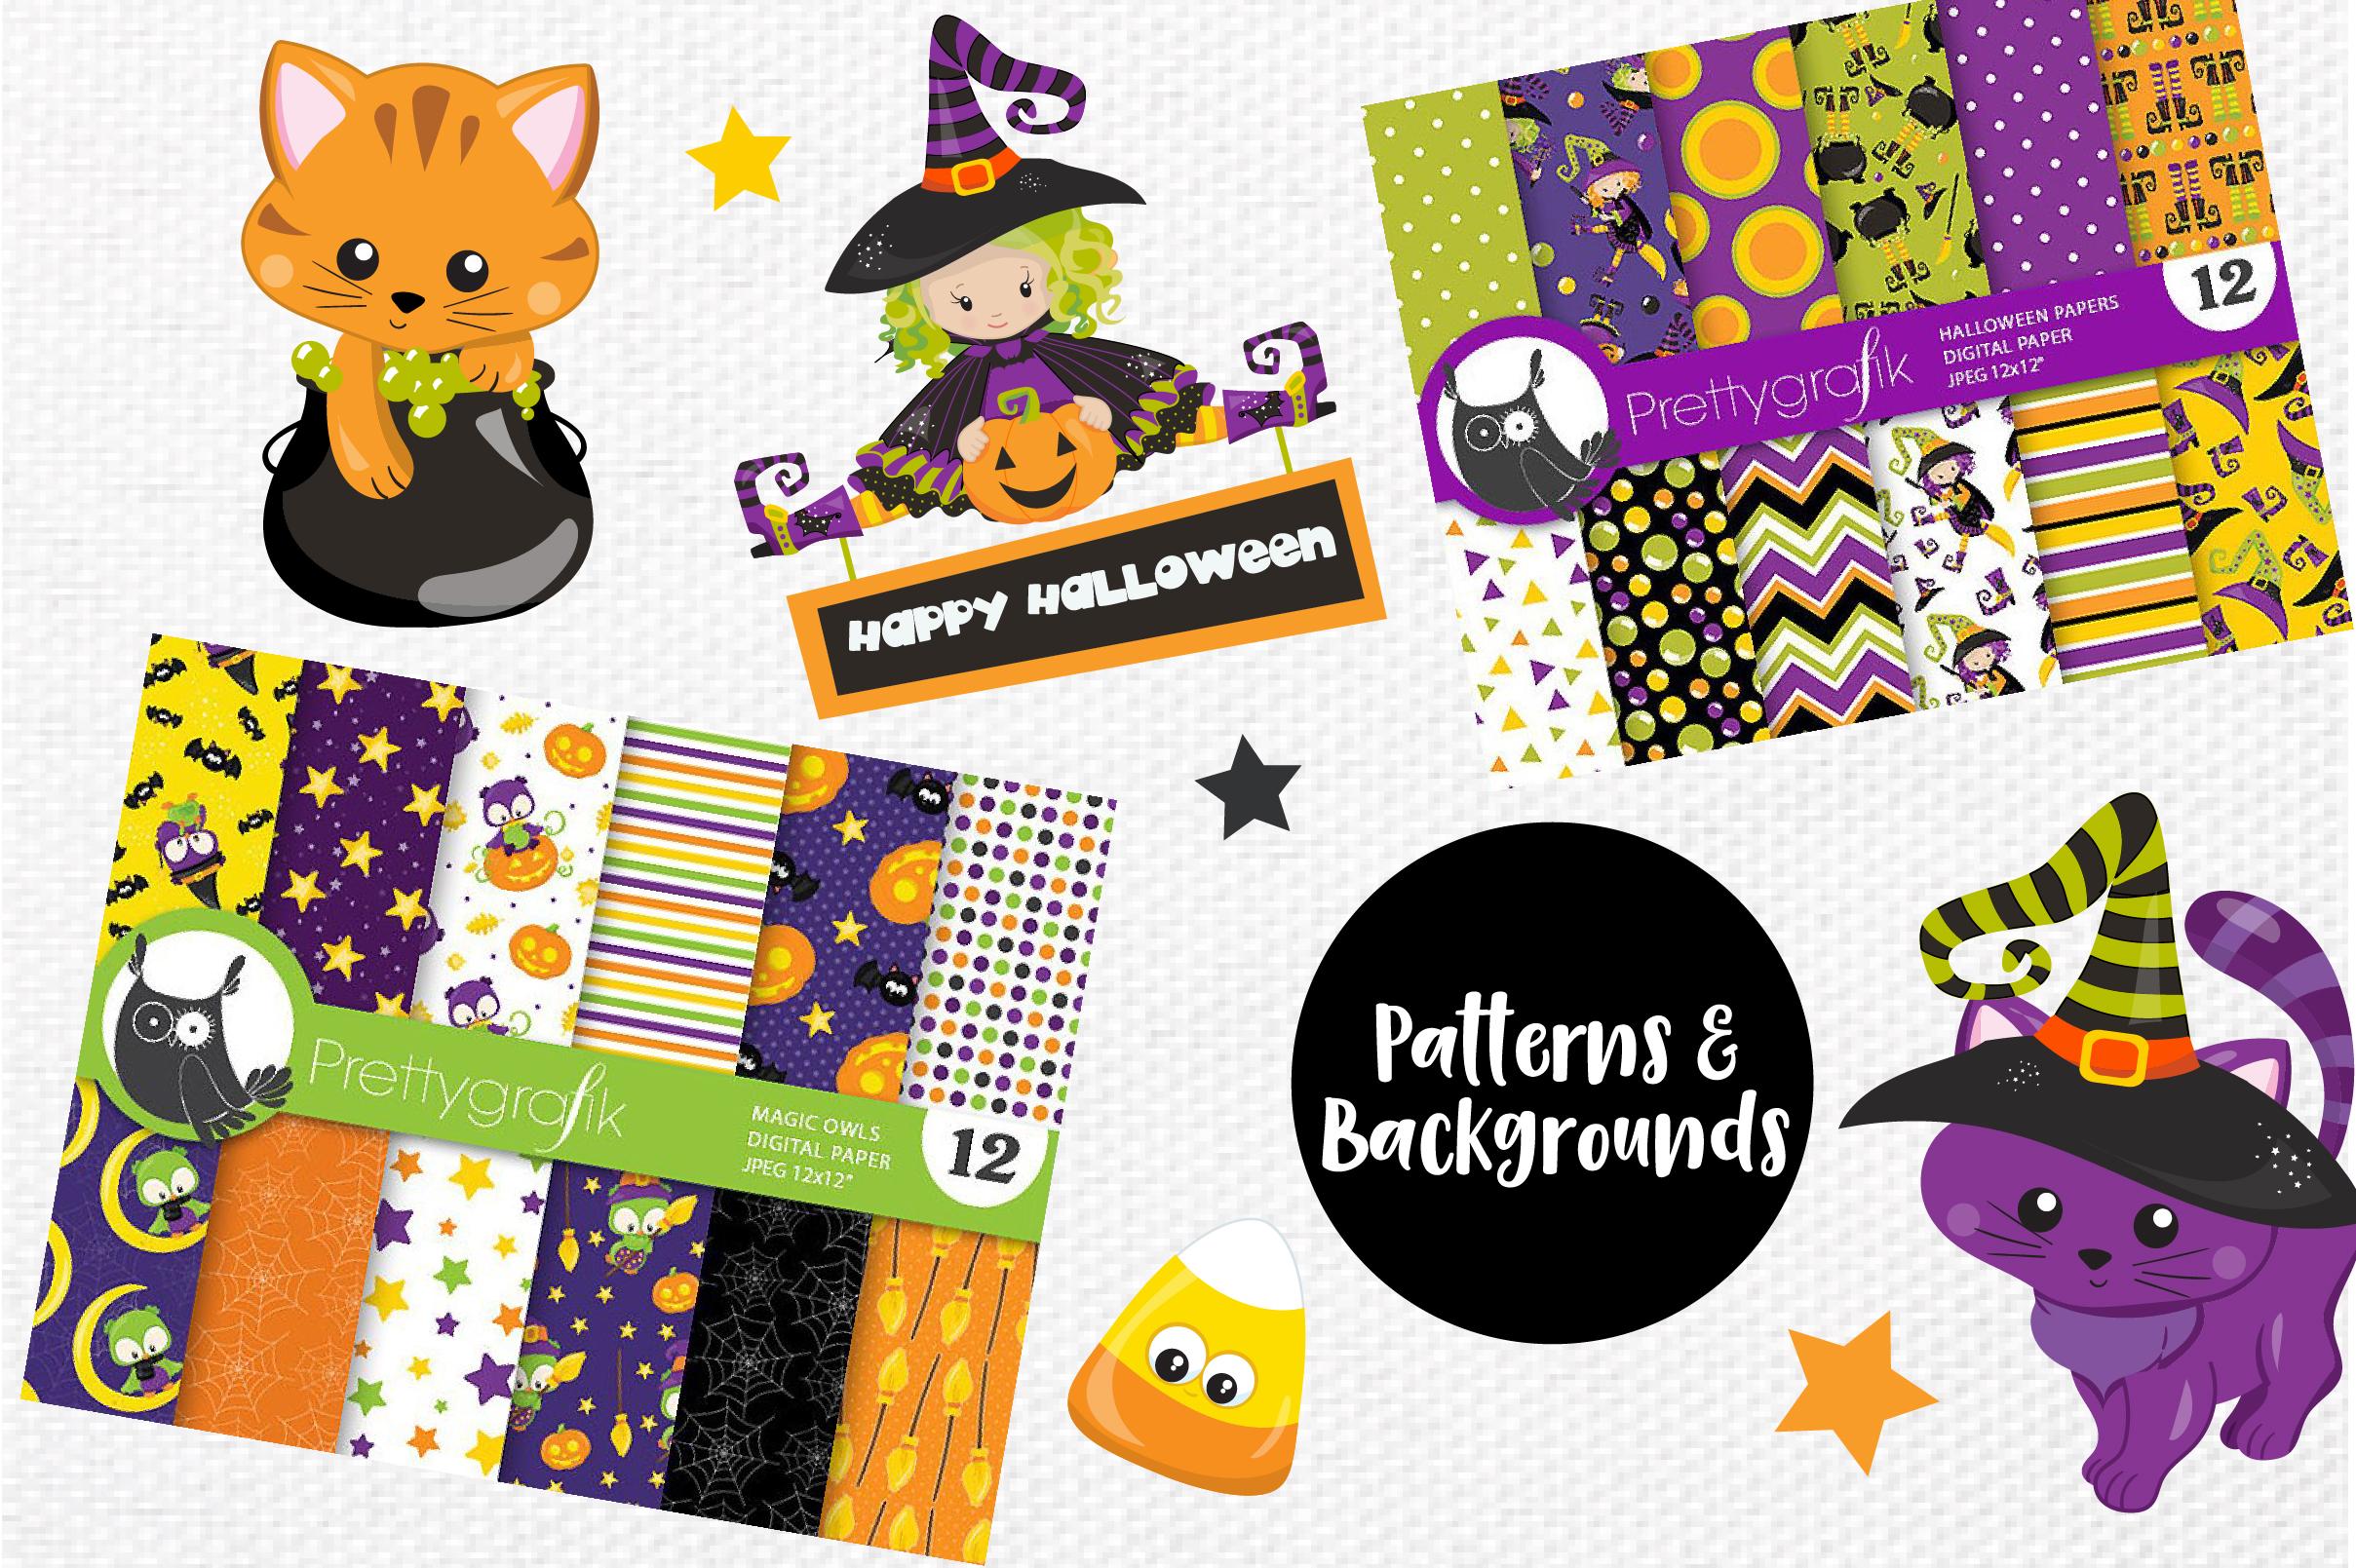 750 in 1 - Halloween Bundle - 95OFF - $10 instead of $150 ! example image 4